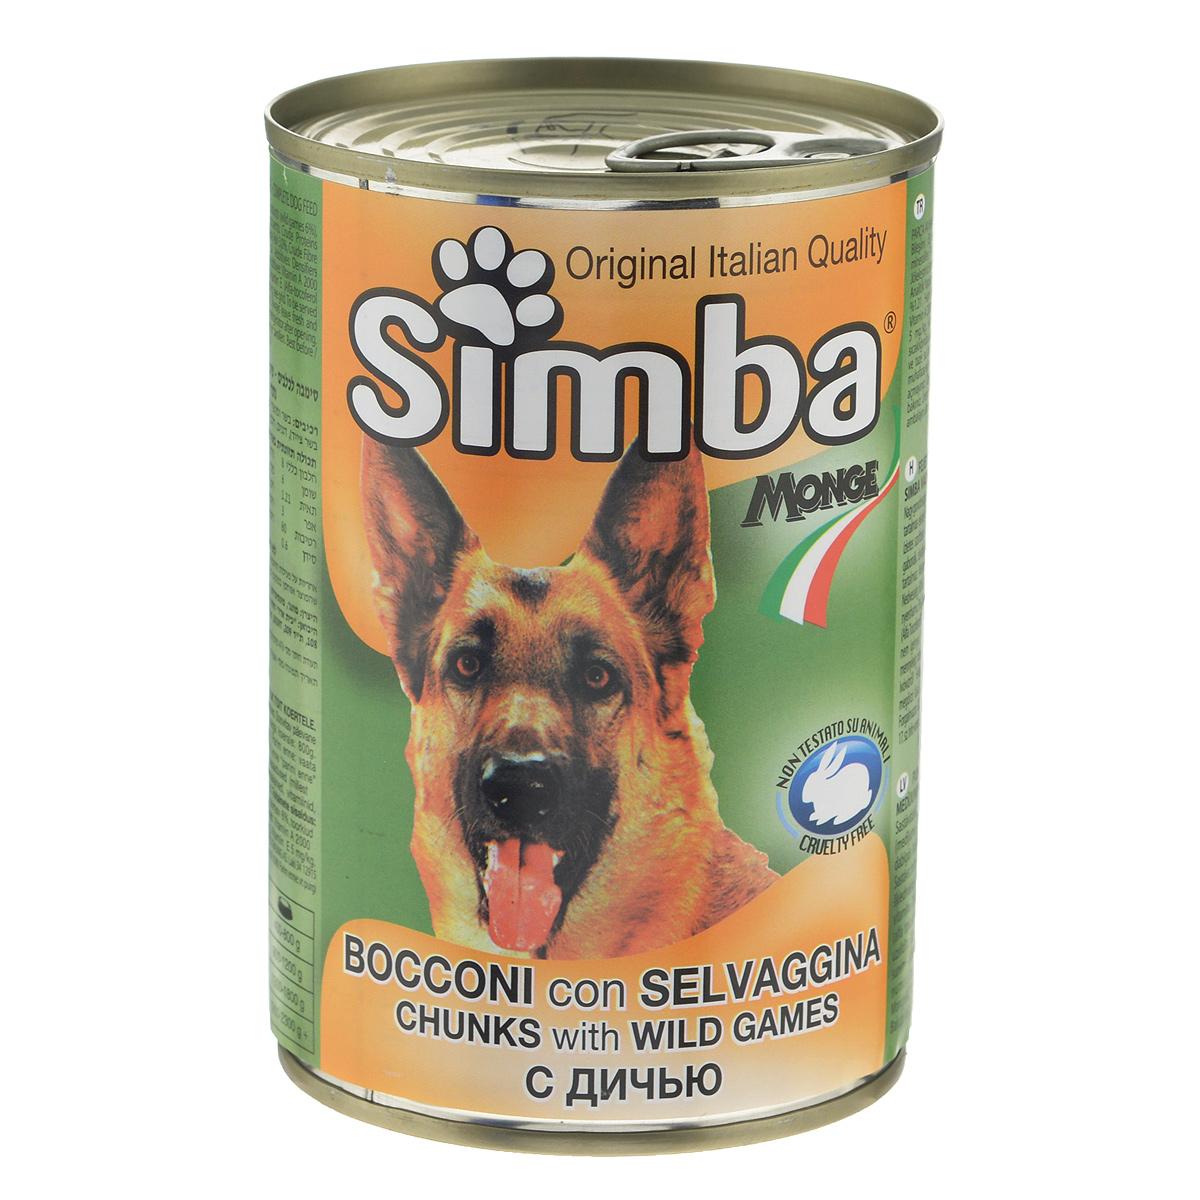 Консервы для собак Monge Simba, кусочки с дичью, 415 г